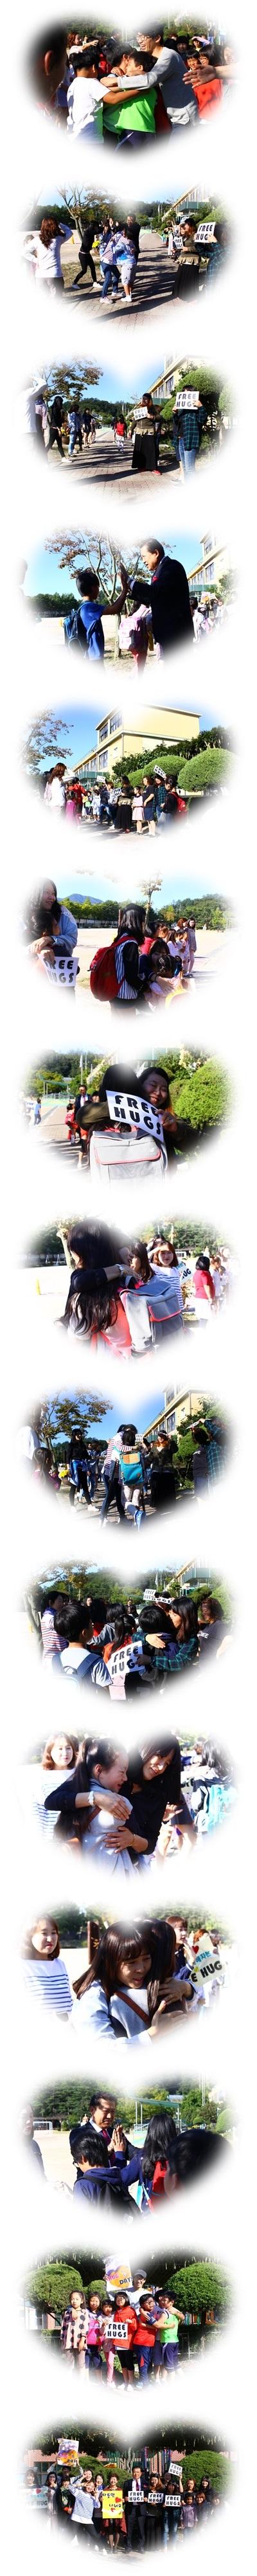 [일반] 2015.9.18_허그데이의 첨부이미지 1